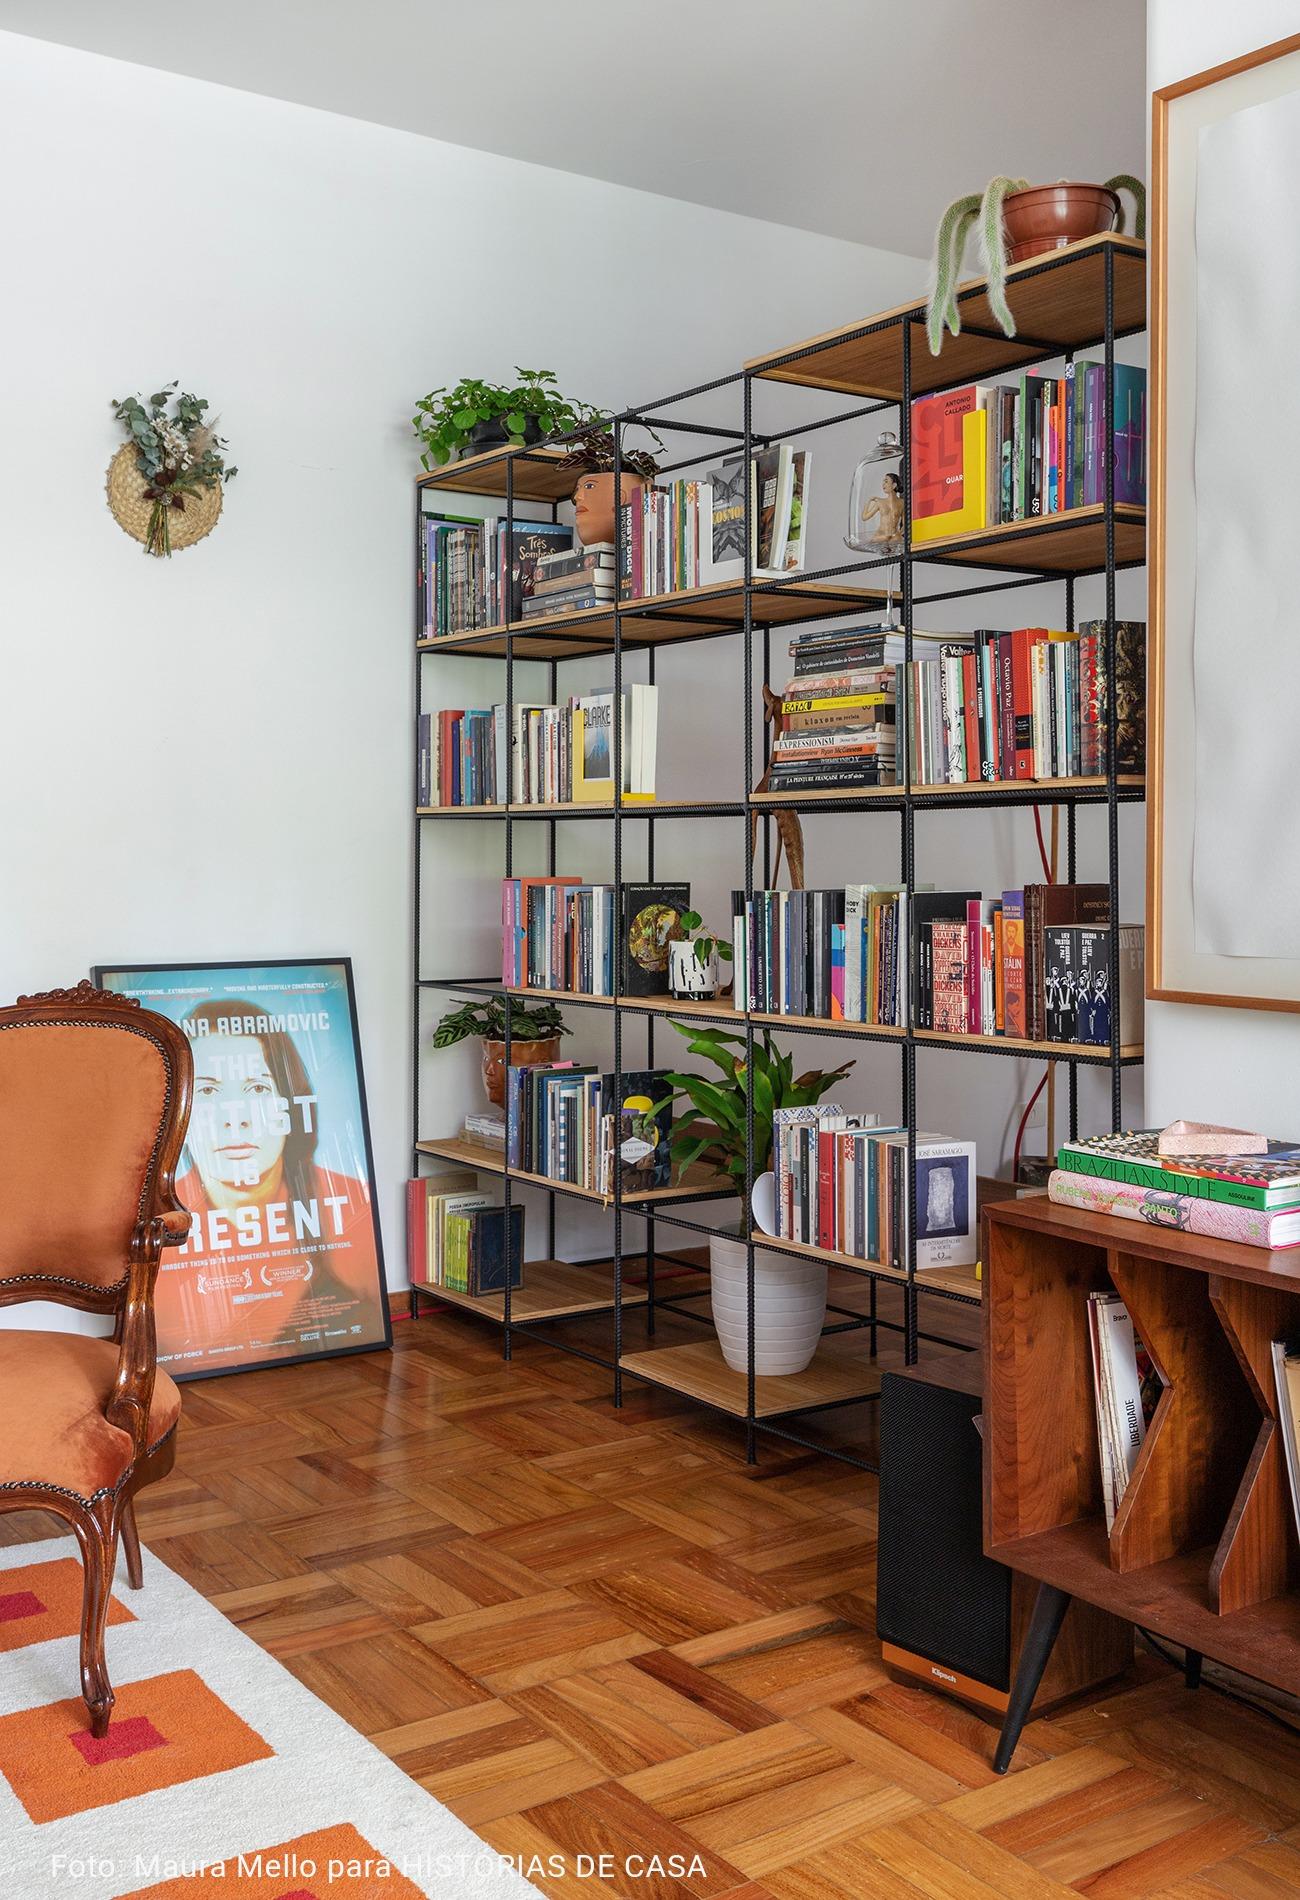 estante de metal com livros e plantas